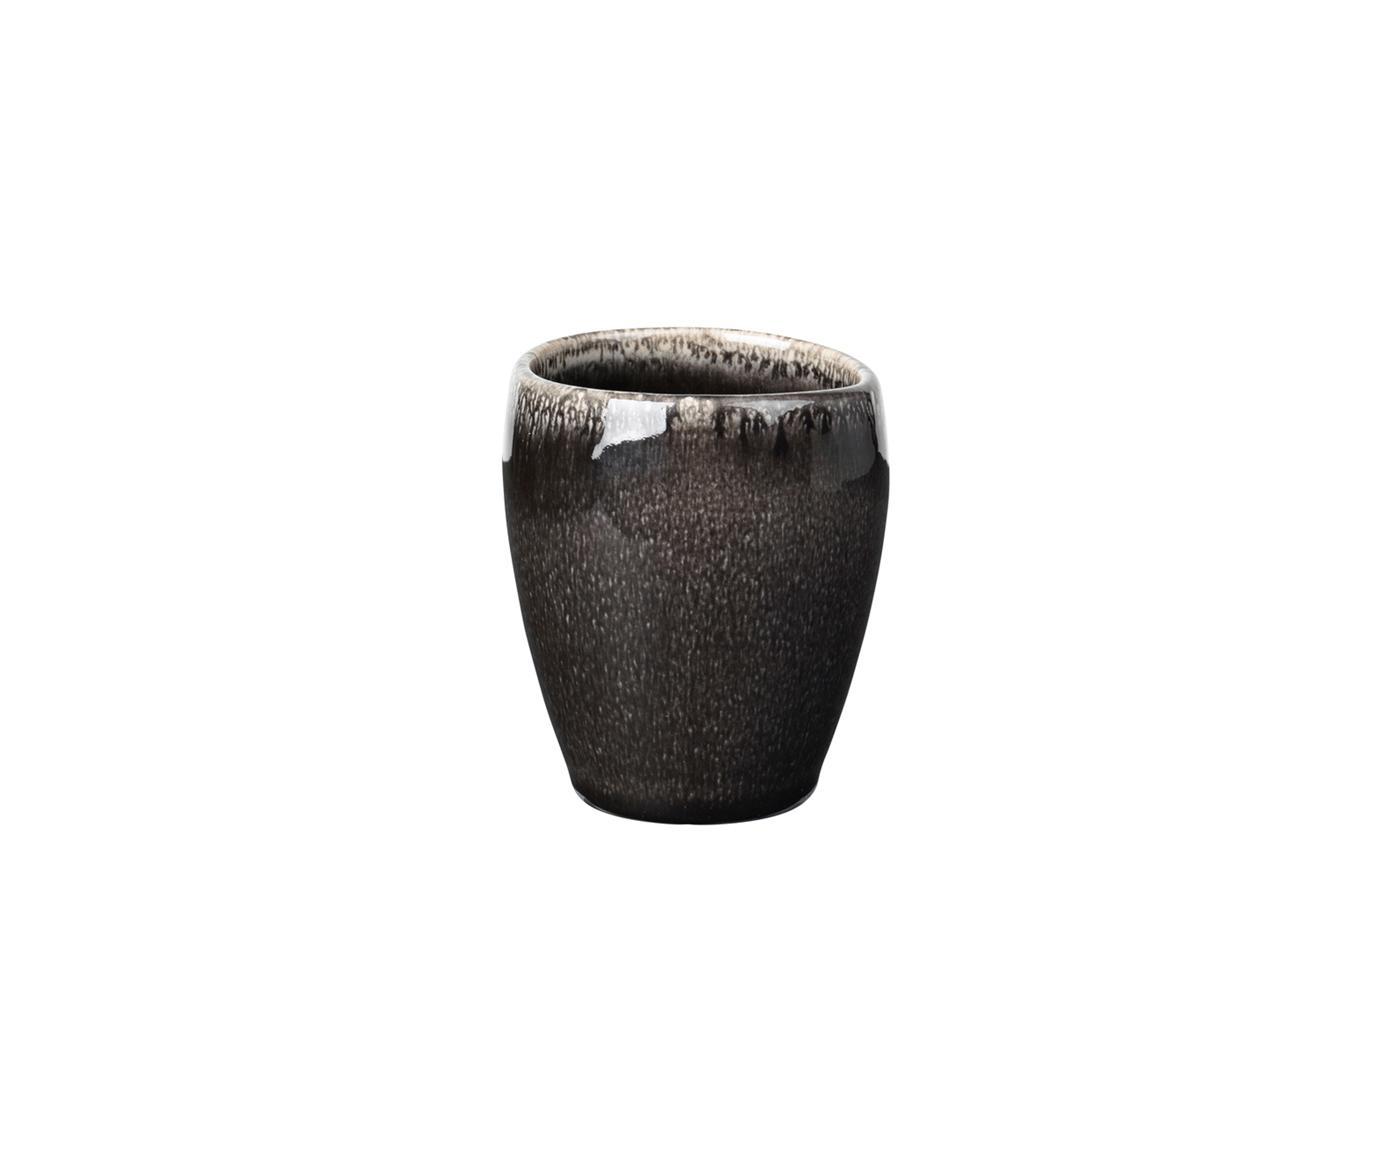 Handgemachte Espressobecher Nordic Coal aus Steingut, 6 Stück, Steingut, Bräunlich, Ø 7 x H 8 cm